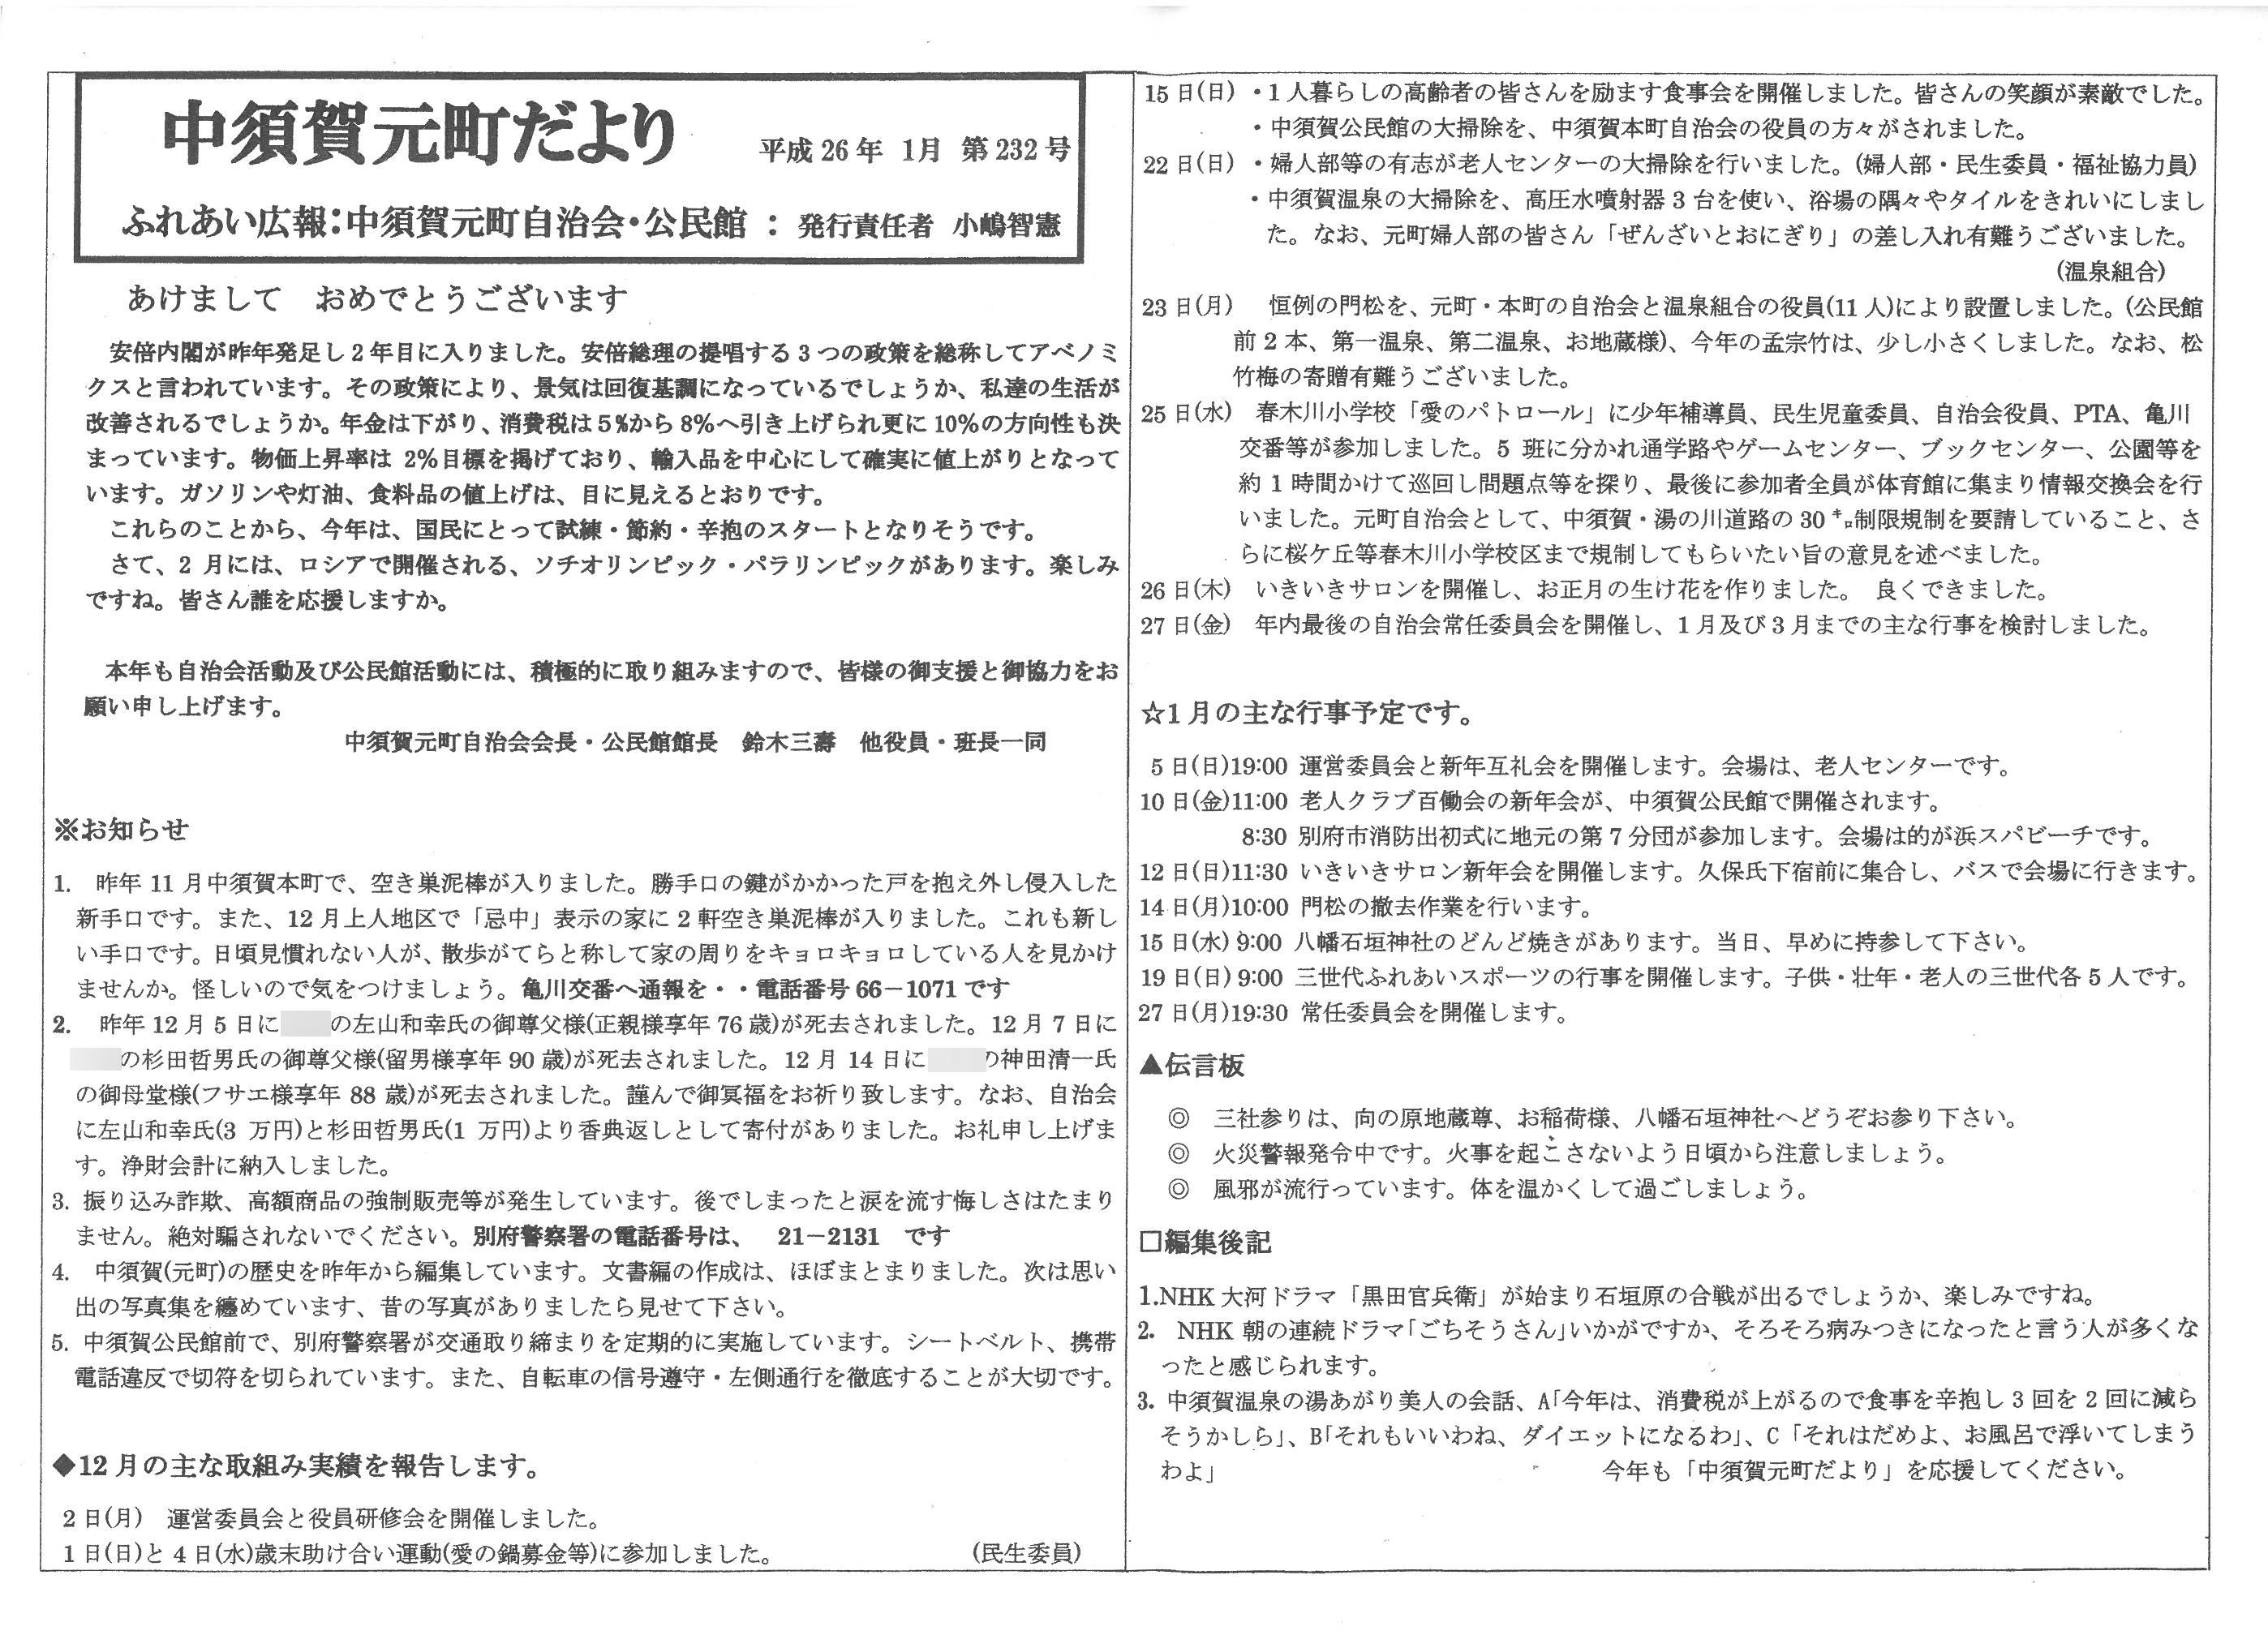 nakasugamotomachi2014_01